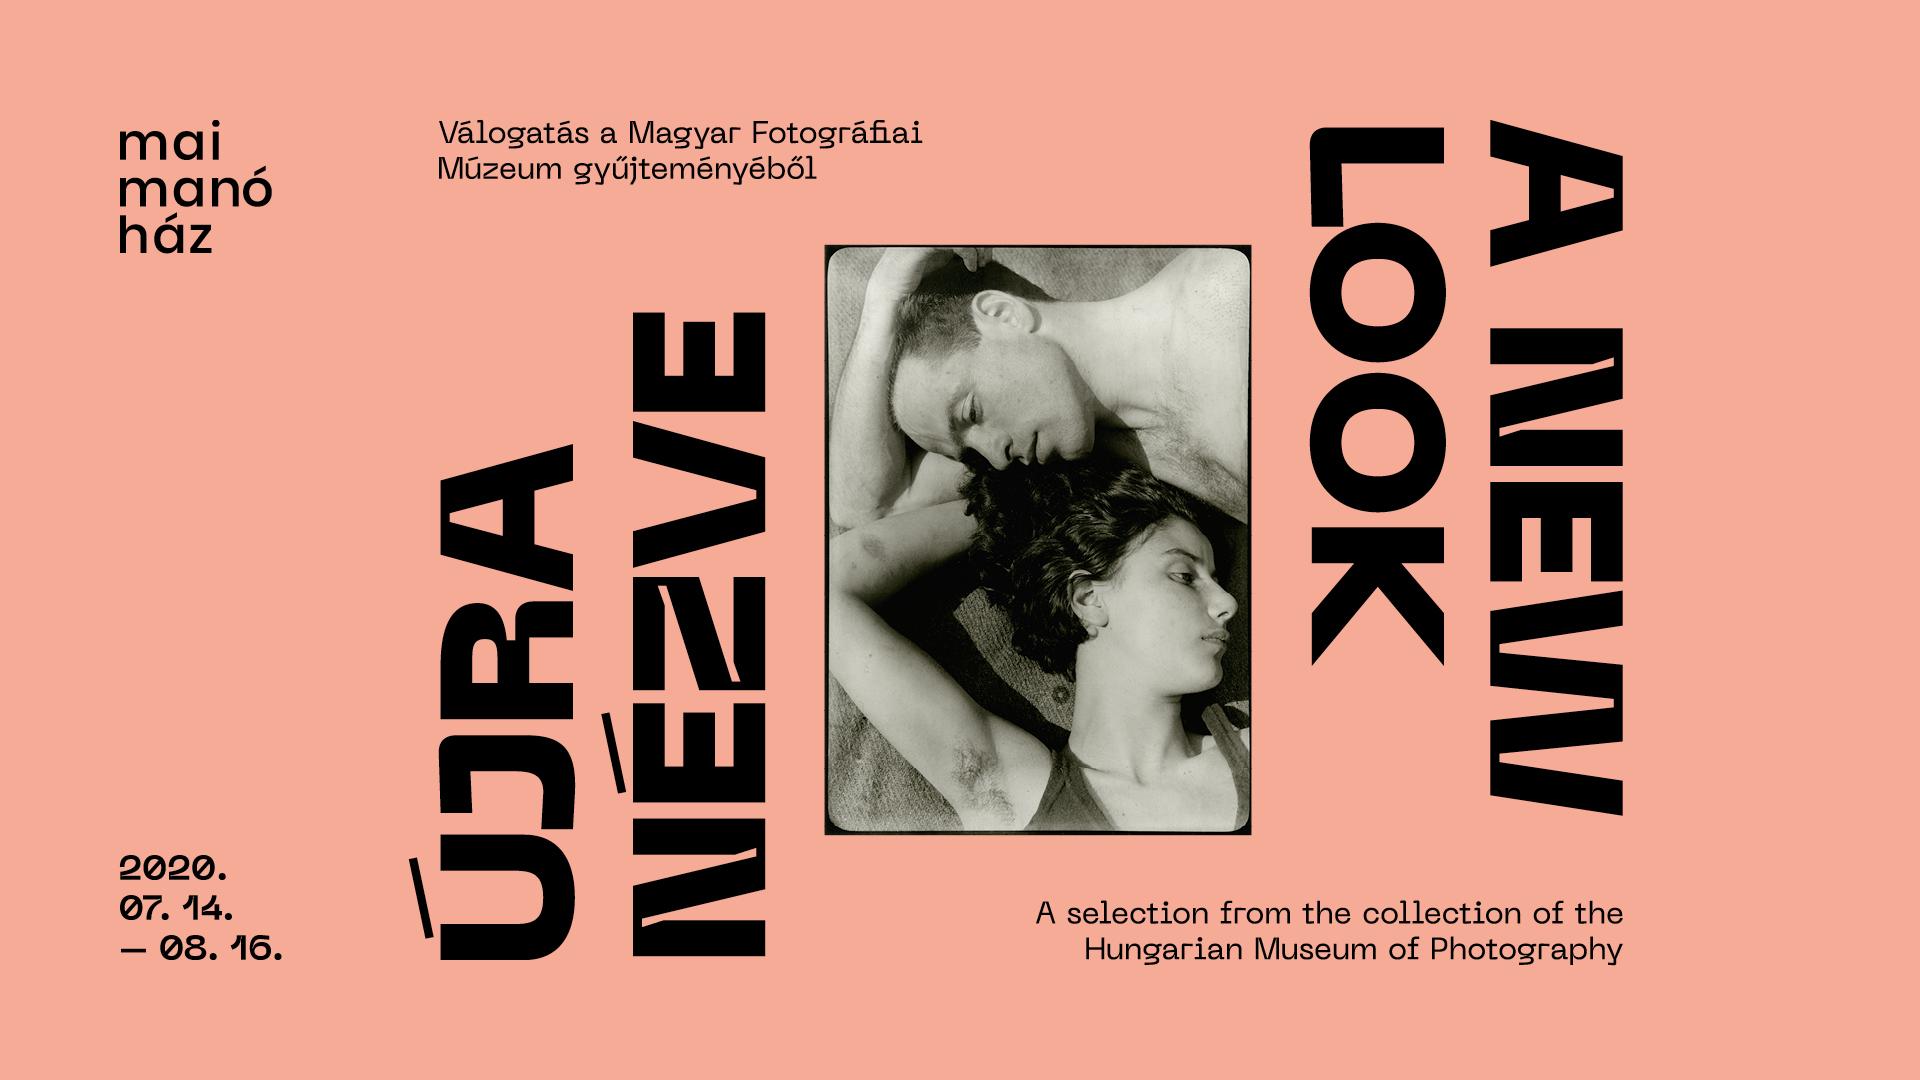 ÚJRANÉZVE<br />Válogatás a Magyar Fotográfiai Múzeum gyűjteményéből<br />A kiállítás megtekinthető:<br />2020. július 14. – augusztus 16.<br />Kedd – vasárnap 12 és 19 óra között.<br />Hétfőn és ünnepnapokon zárva.<br /><br />Kurátorok:<br />Baki Péter - Székely Aladár<br />Balogh Viktória - Haár Ferenc<br />Barta Edit - Haller F.G.<br />Kiss Imre - Berekméri Zoltán<br />Schuller Judit Flóra - Máté Olga